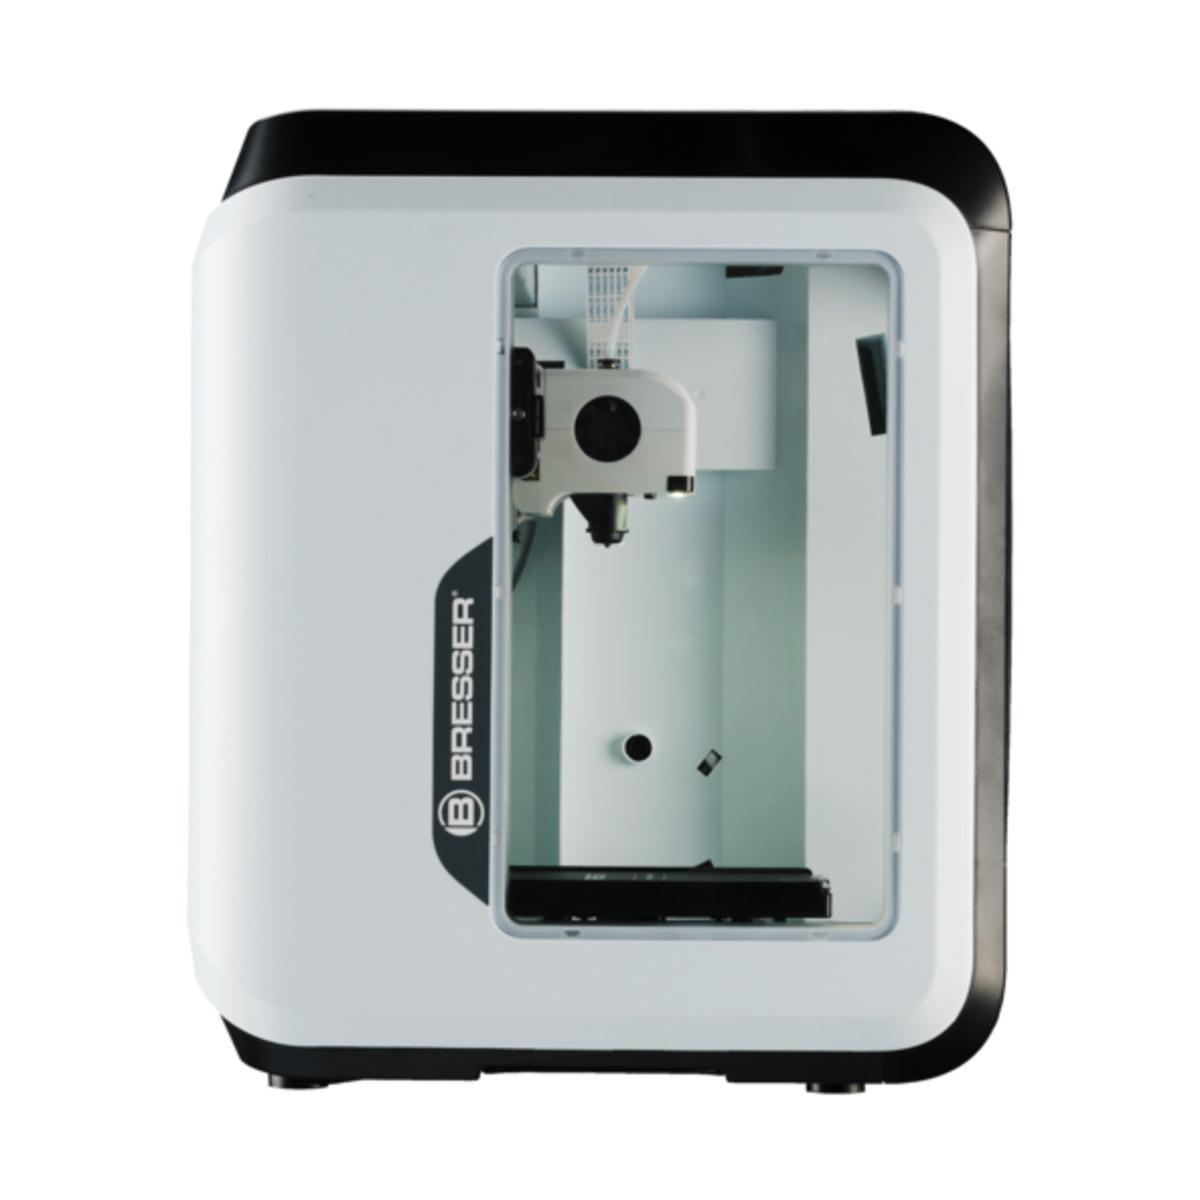 Bild 4 von 3D Drucker, mit WLAN-Funktion